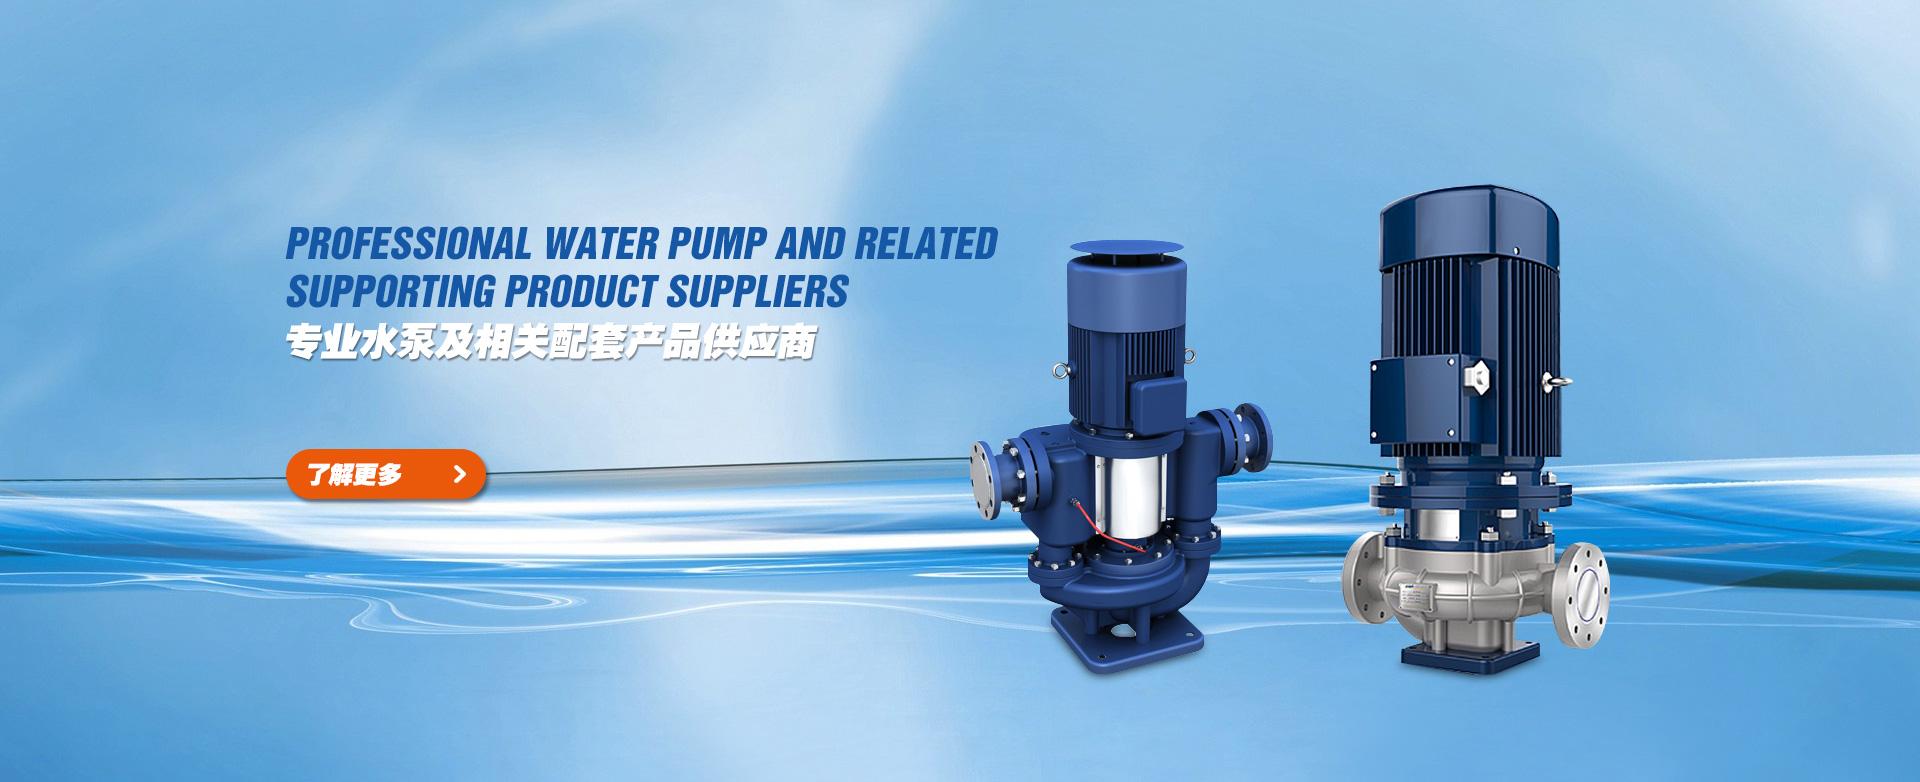 云南昆明水泵